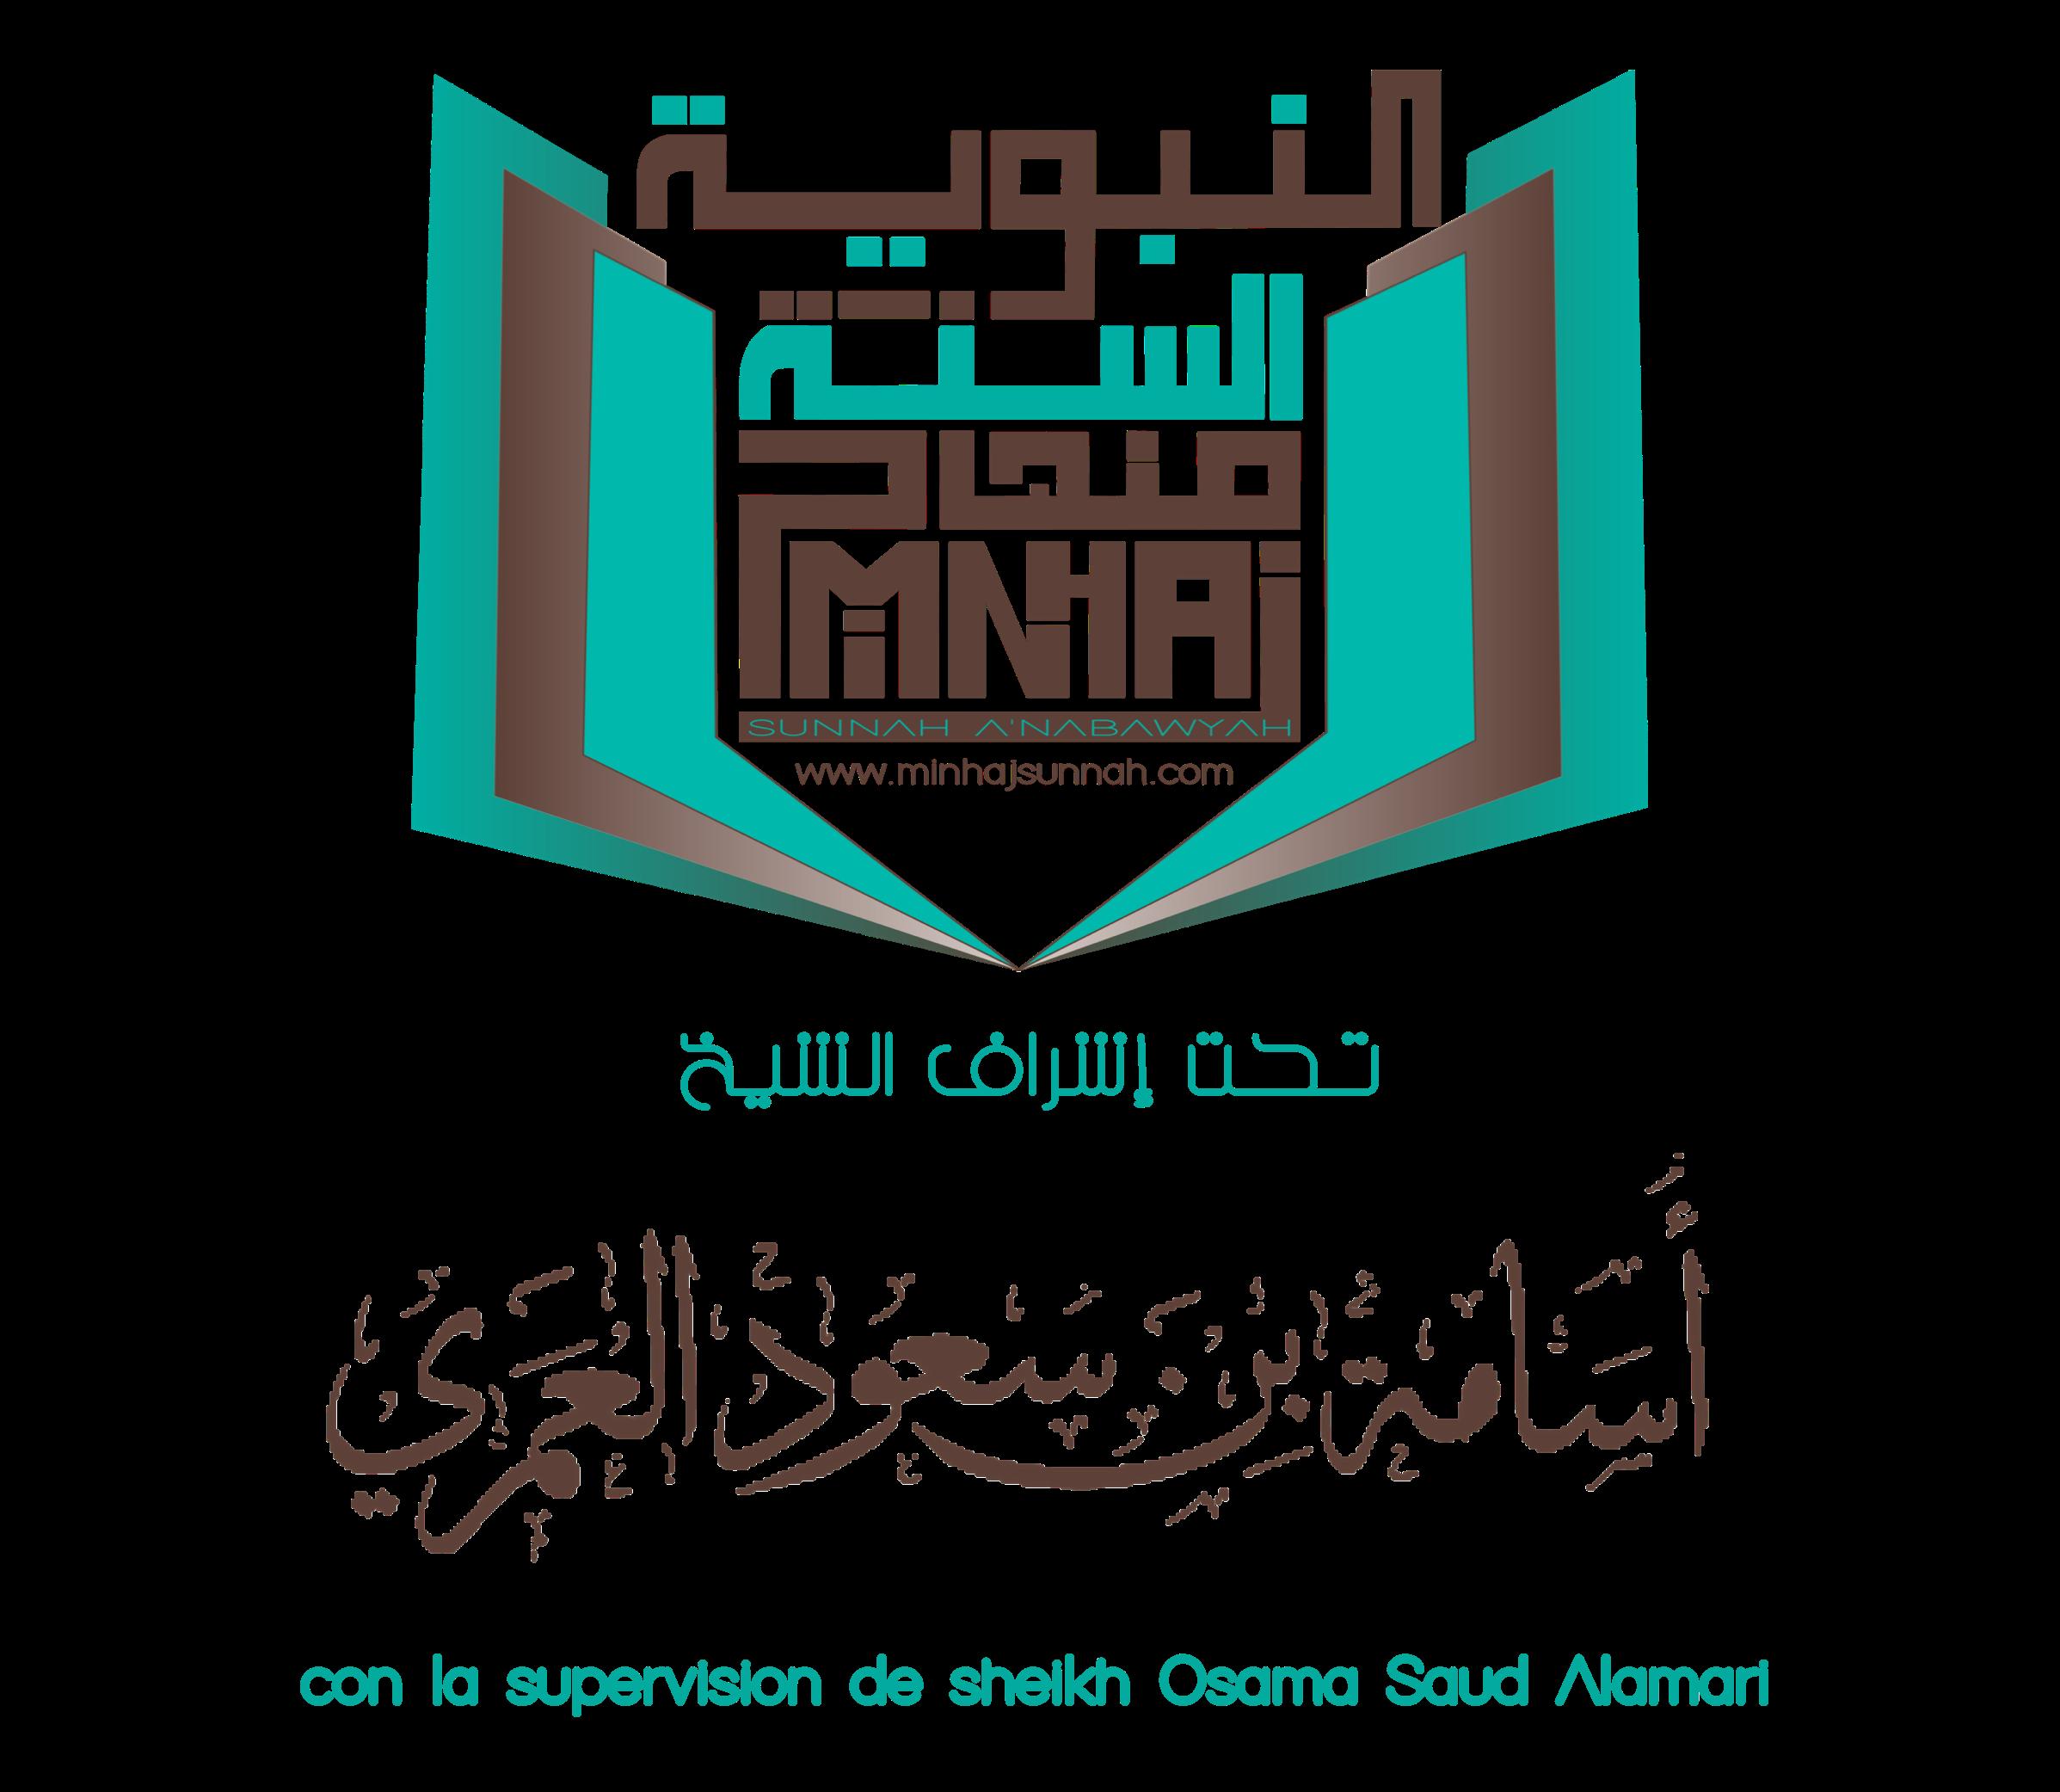 Minhaj a'sunnah